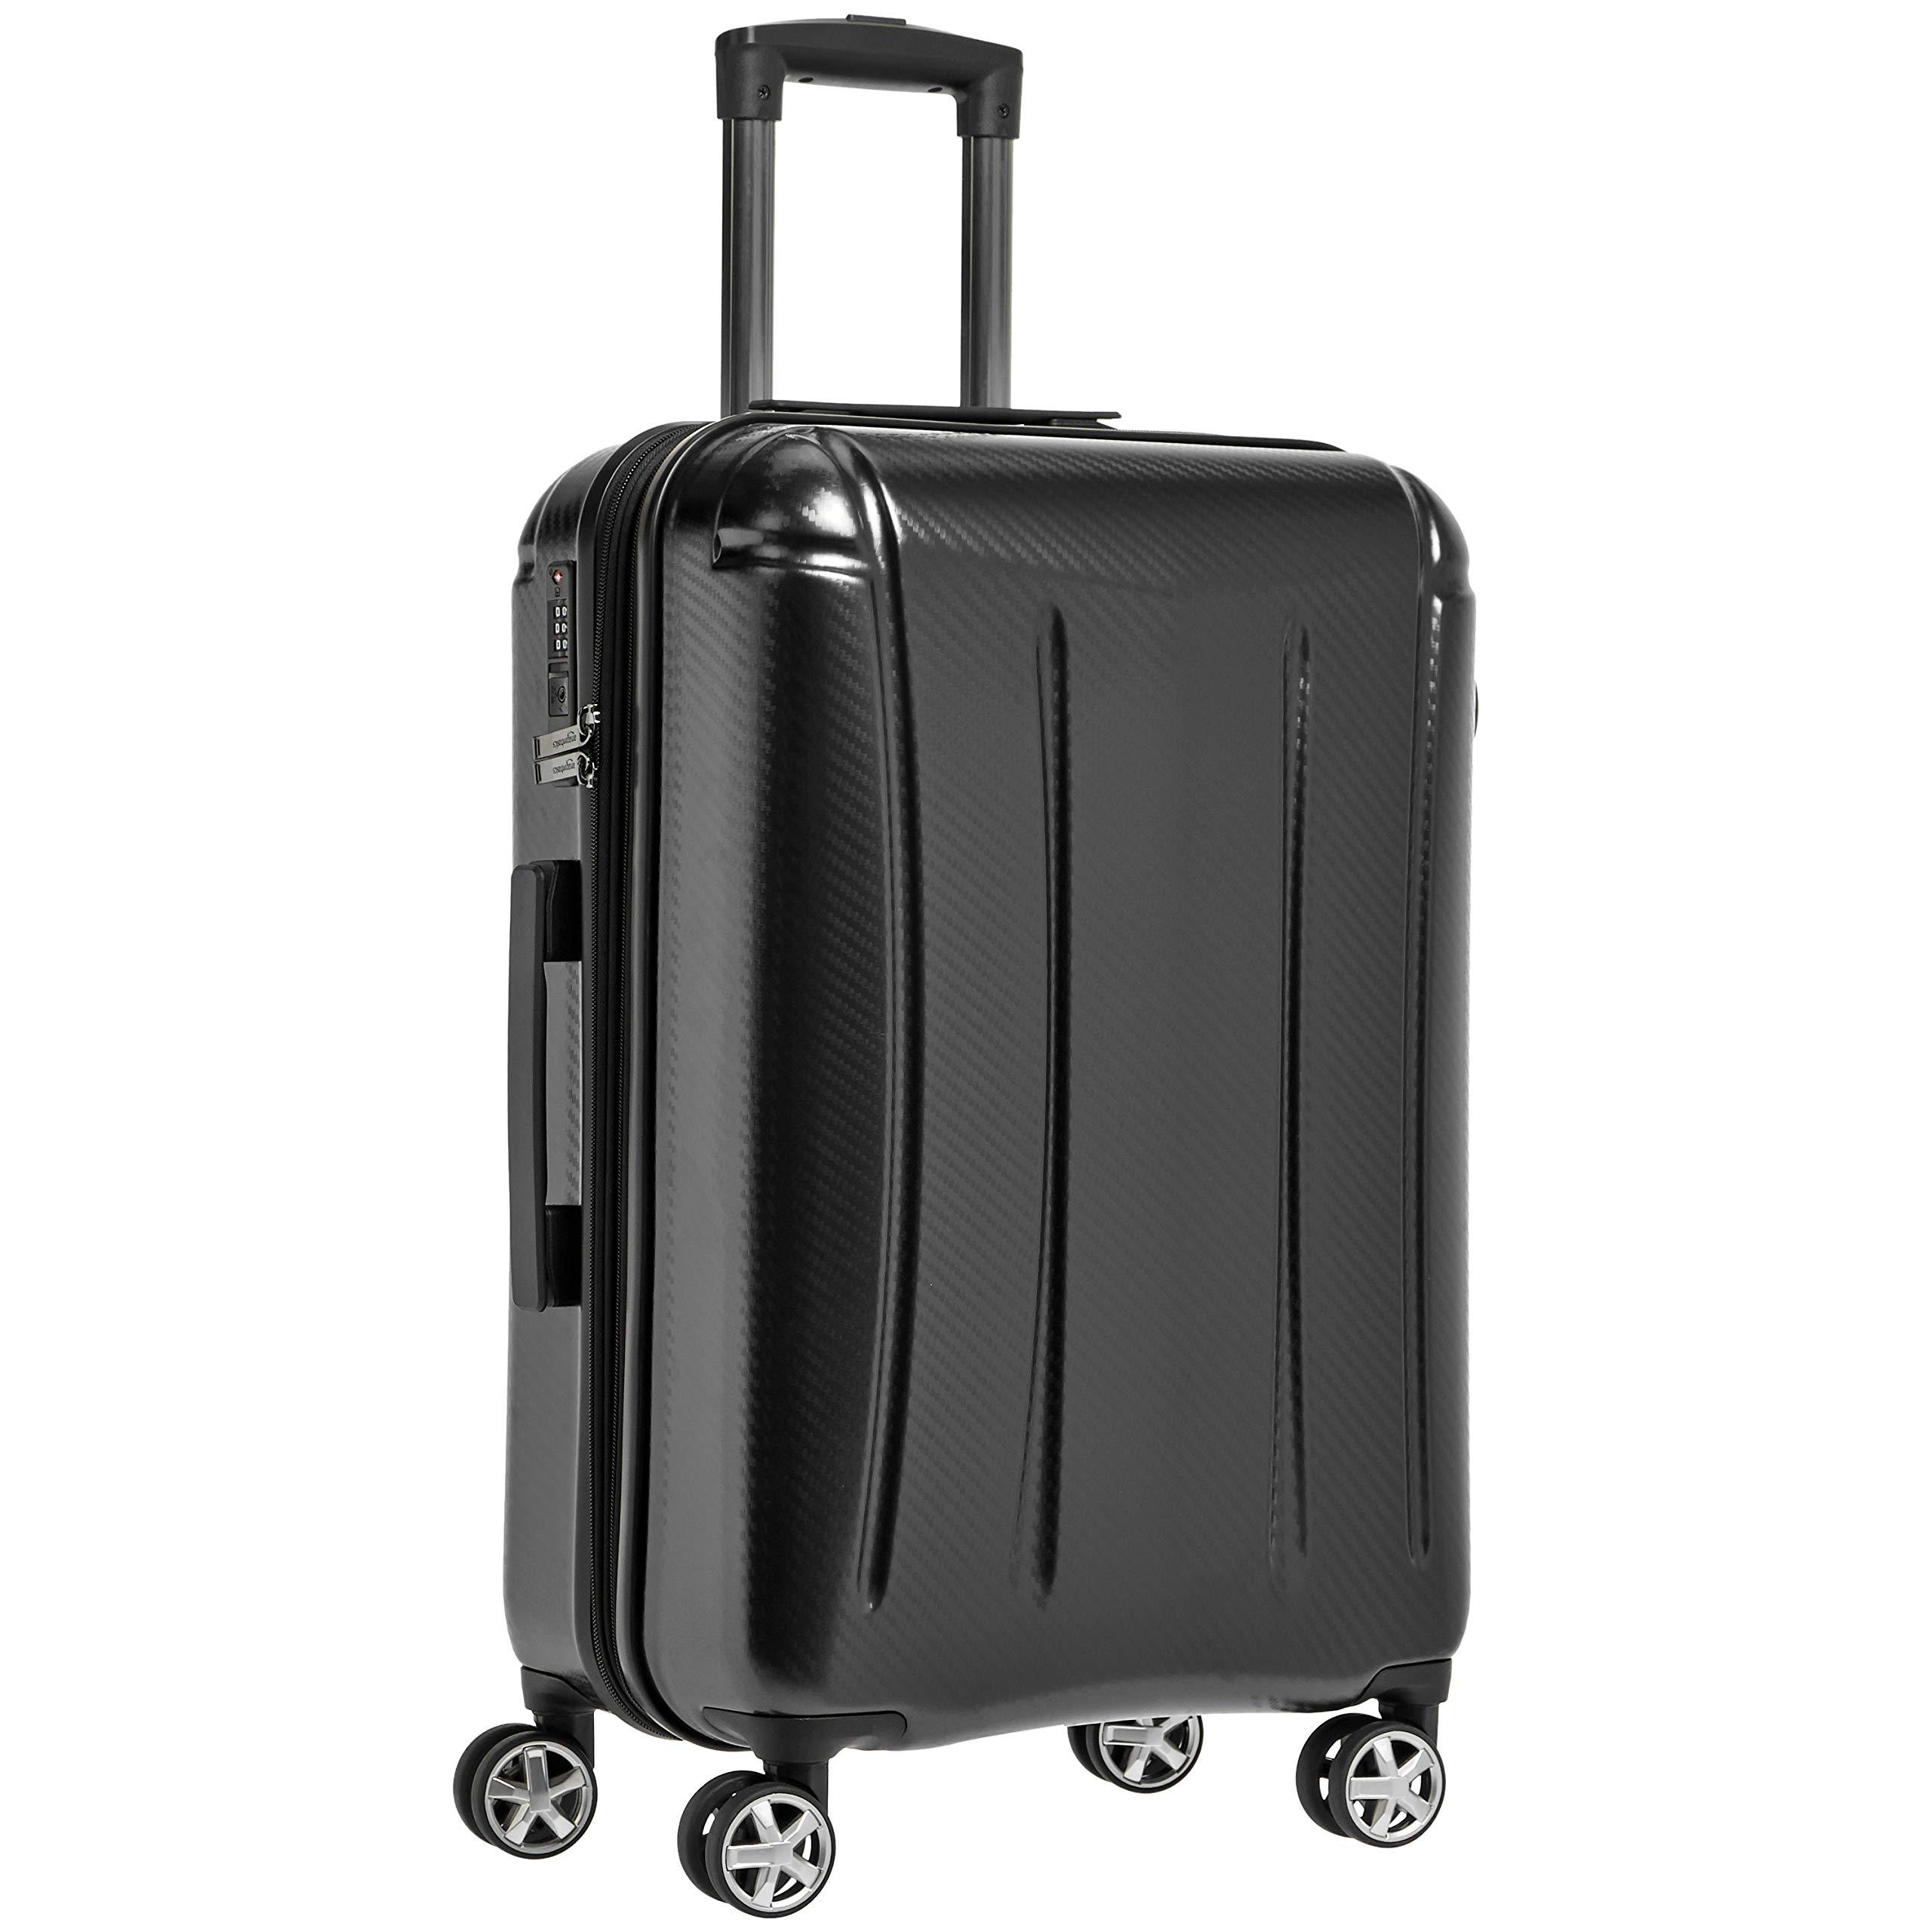 AmazonBasics Oxford Expandable Spinner Luggage Suitcase with TSA Lock - 28 Inch, Black by AmazonBasics